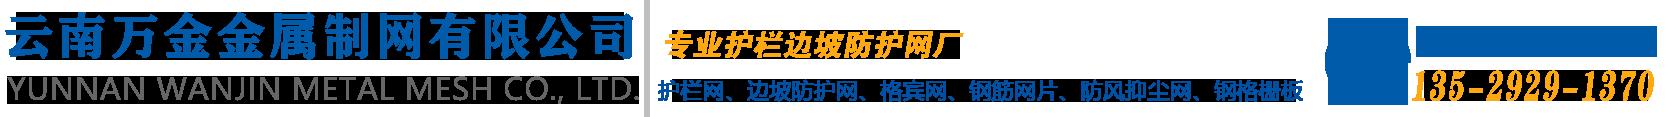 云南万金栏边坡防护网厂